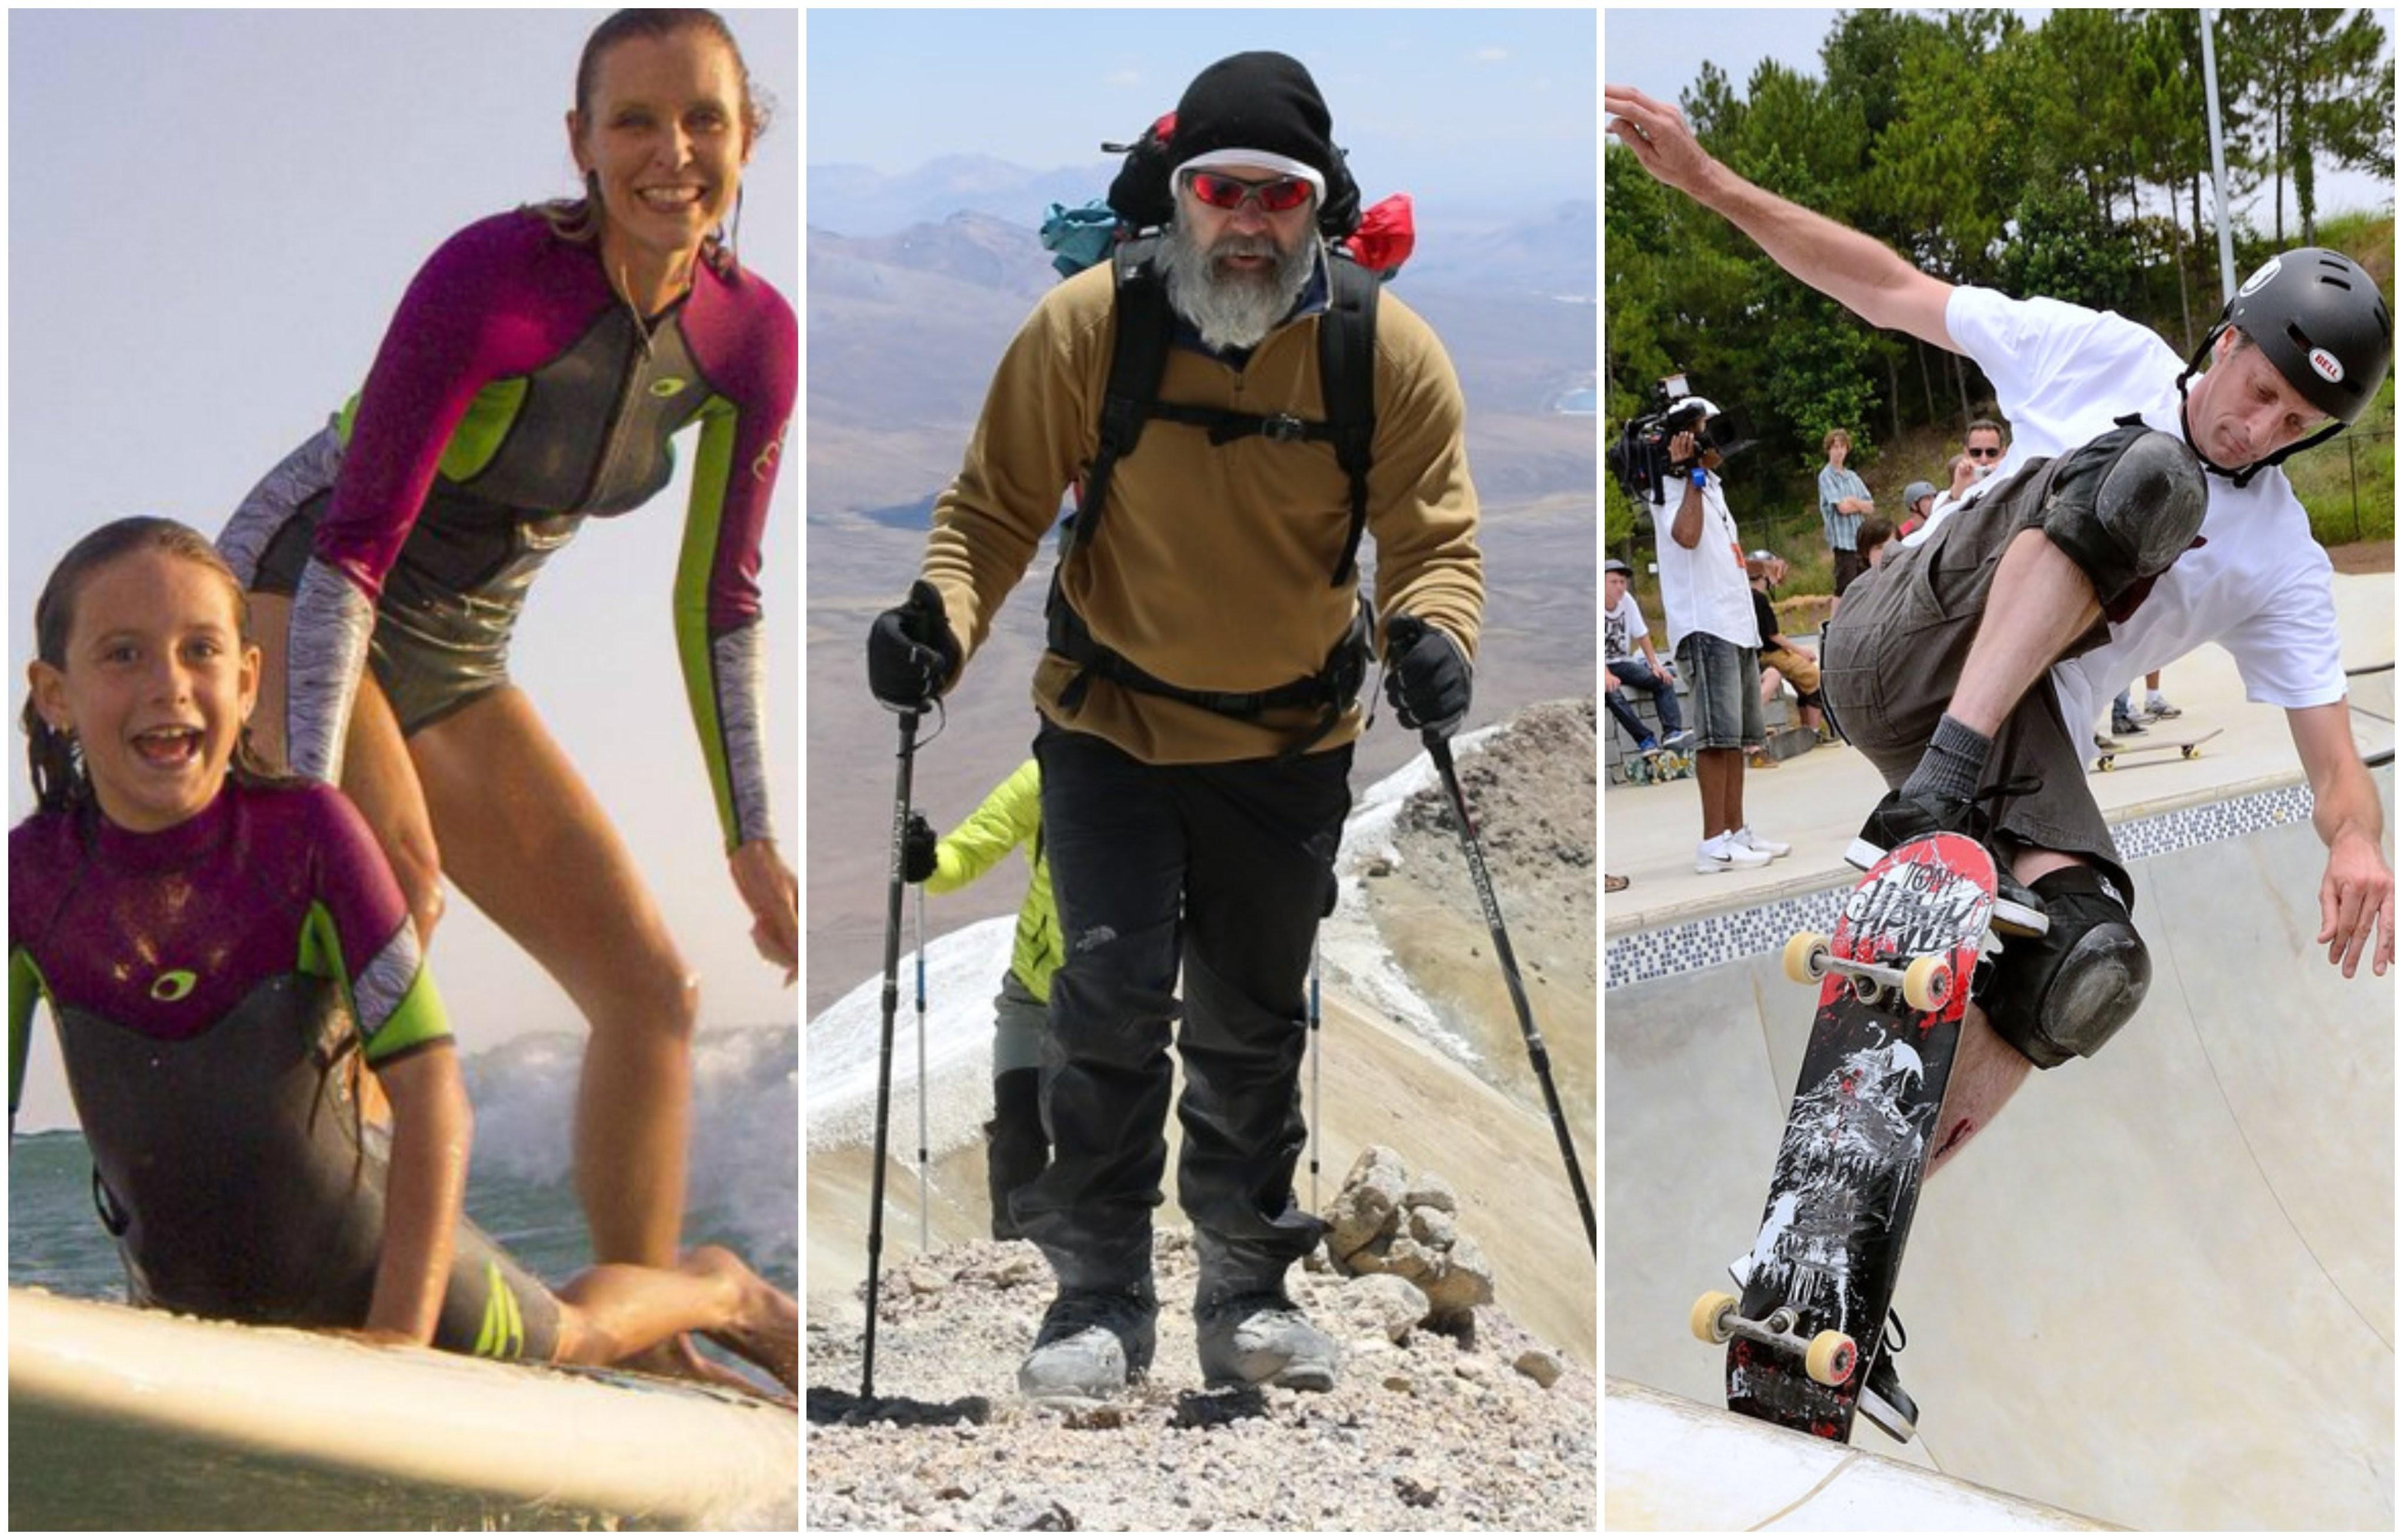 Tem Dia das Mes, especial de montanhismo, comemorao dos 50 anos de Tony Hawk e muito mais no maio do OFF e do OFF Play (Foto: Divulgao/Reproduo Internet)